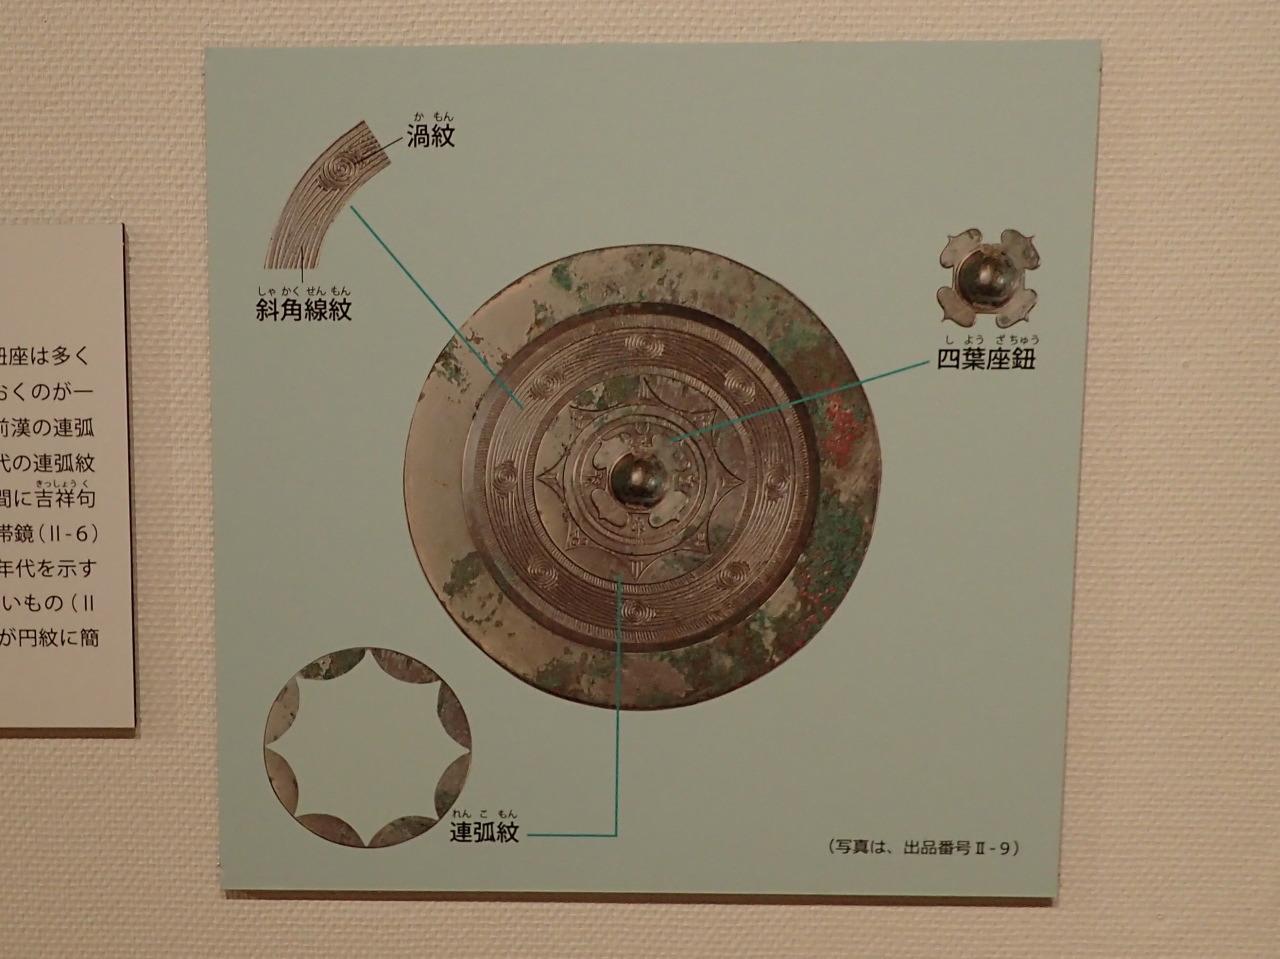 連弧紋鏡@川崎市市民ミュージアム「古鏡 その神秘の力」展